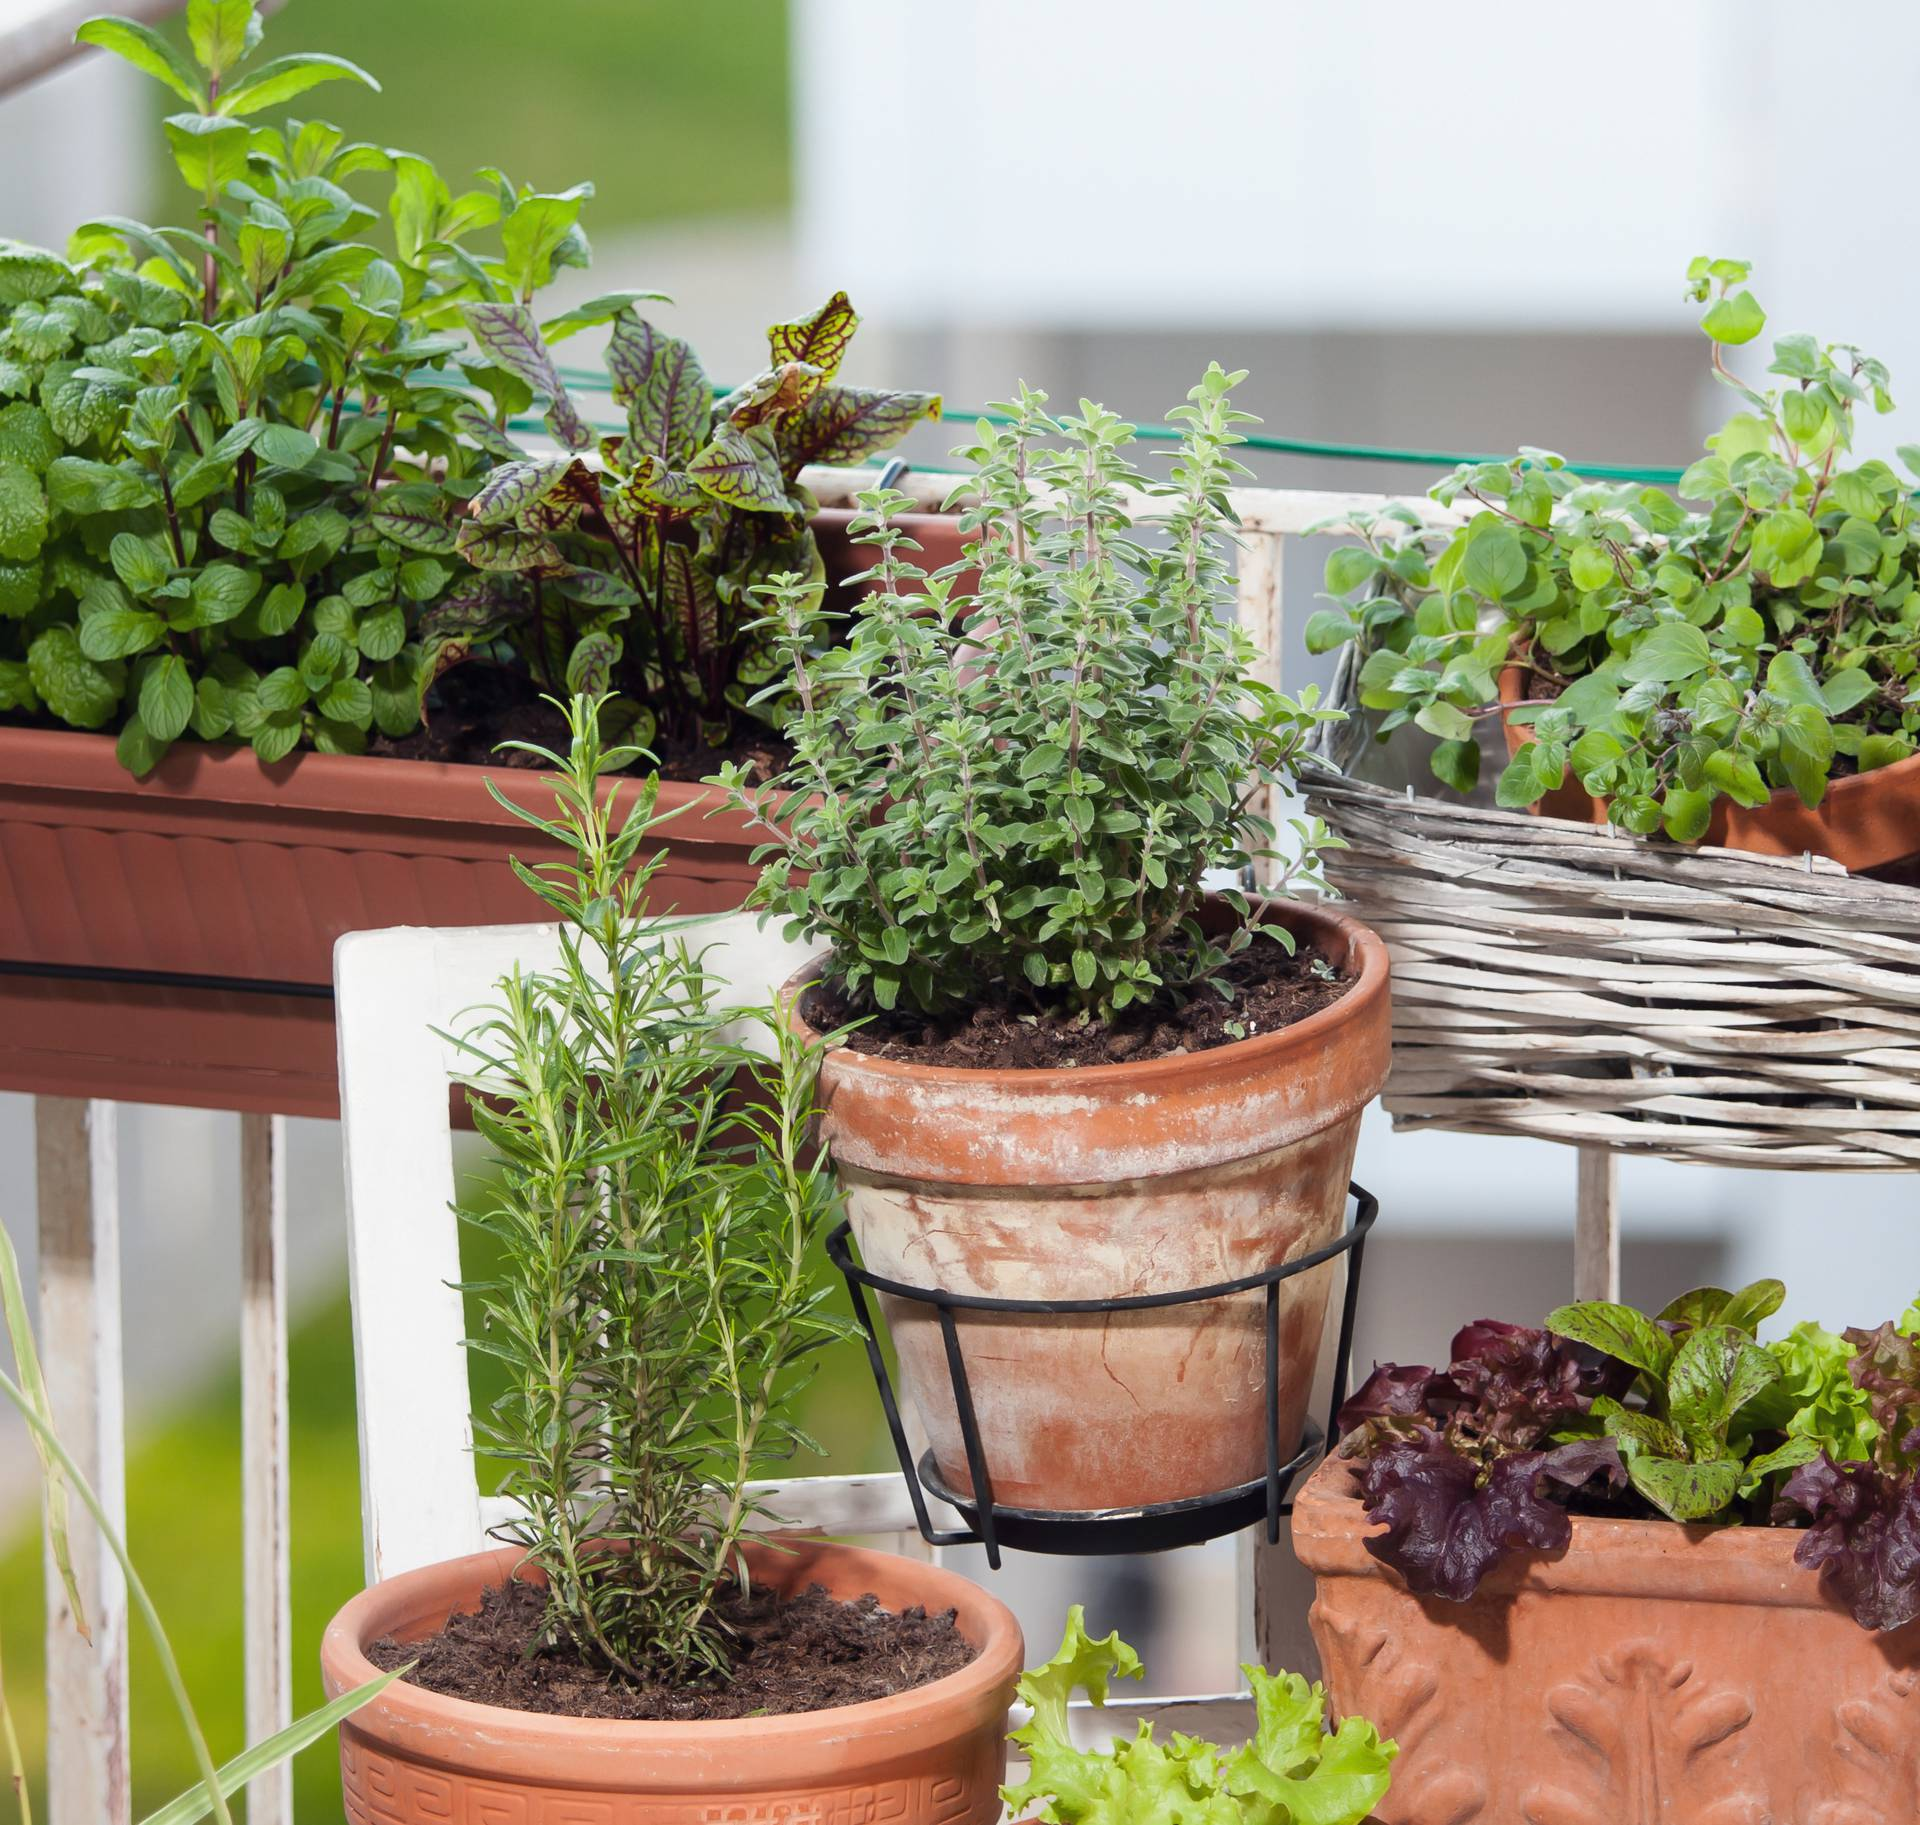 Pametno i korisno: Na balkonu posadite špinat, rajčice i kelj